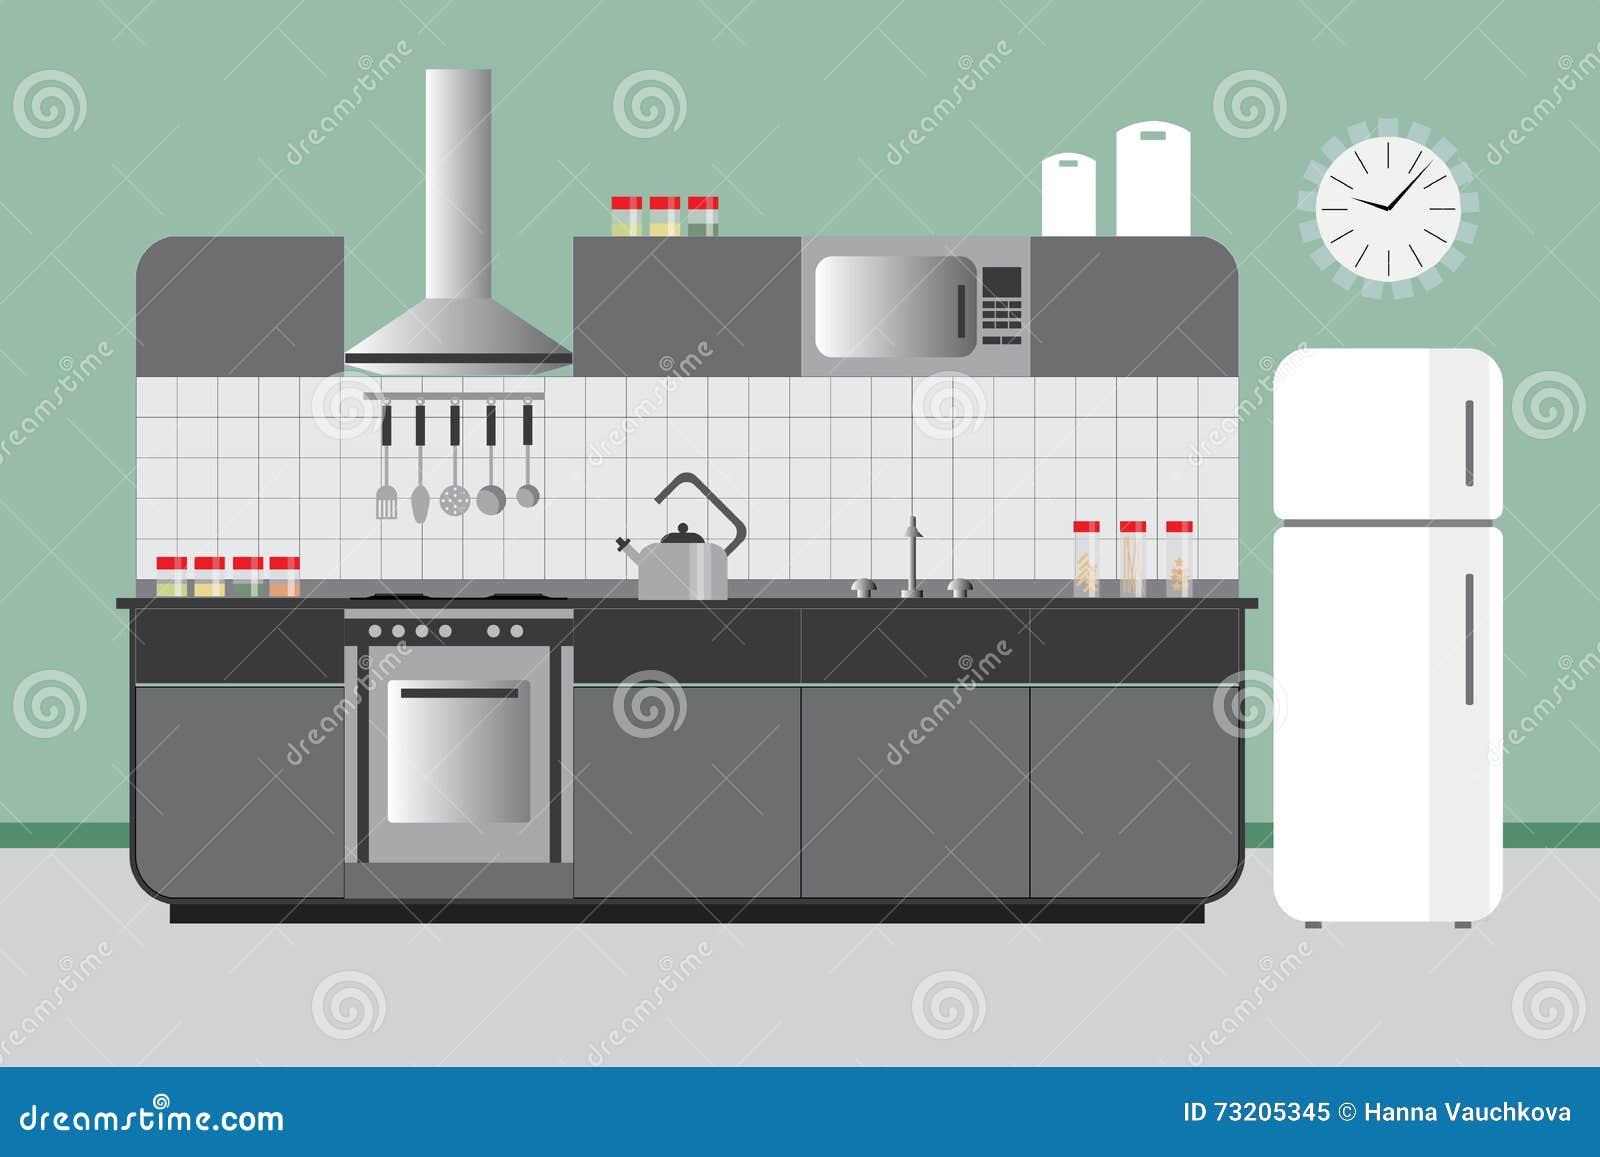 Küchen aufzug mit kabinett kühlschrank hood microvawe flacher ...